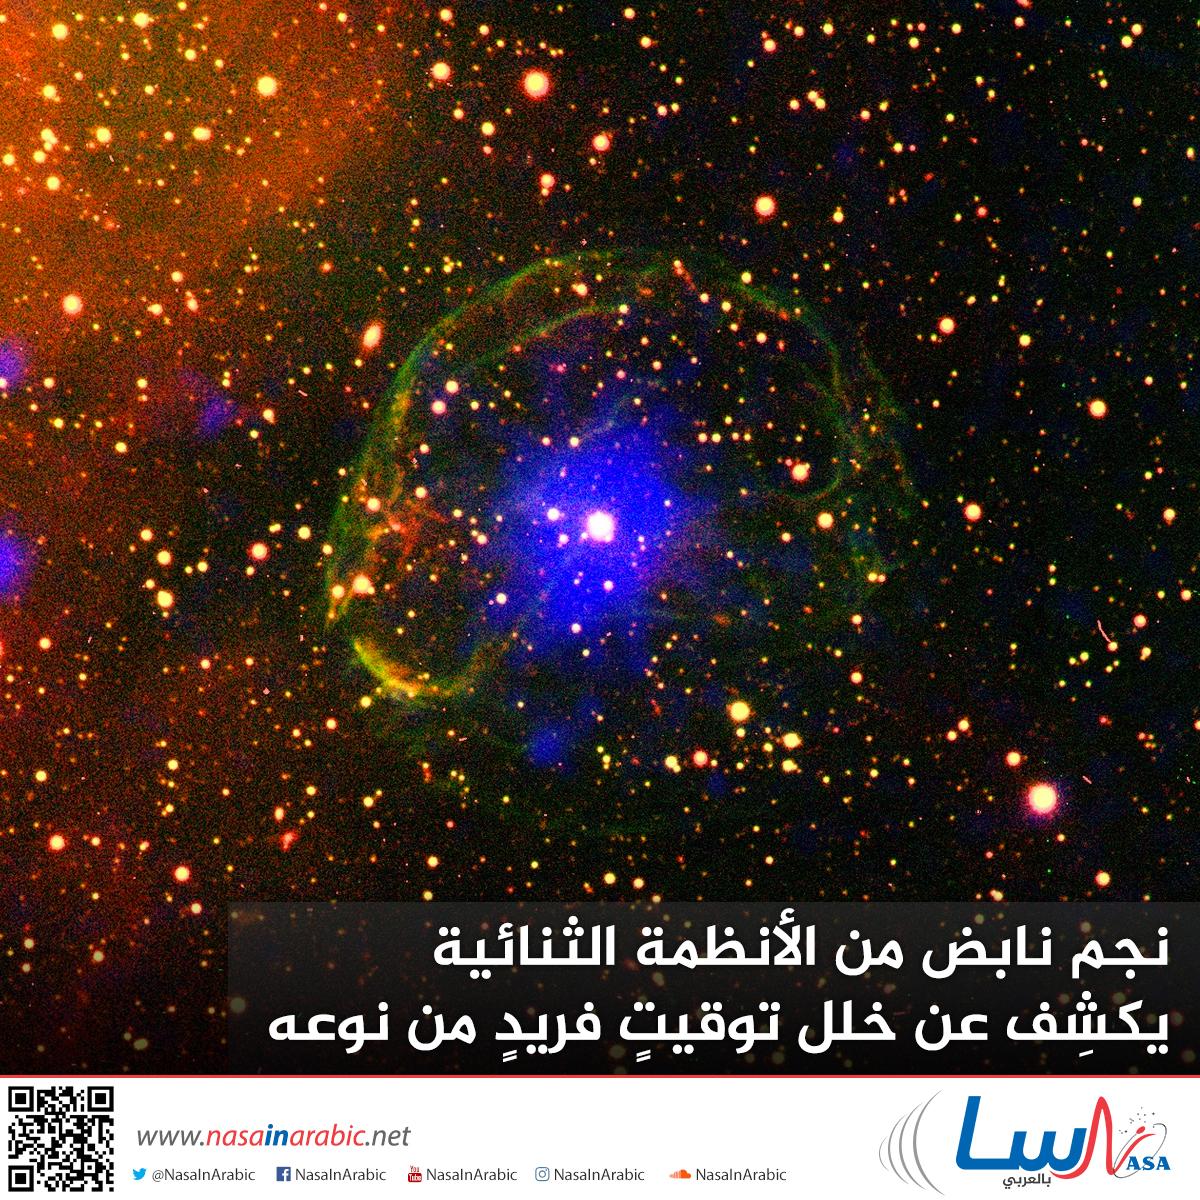 نجم نابض من الأنظمة الثنائية يكشِف عن خلل توقيتٍ فريدٍ من نوعه